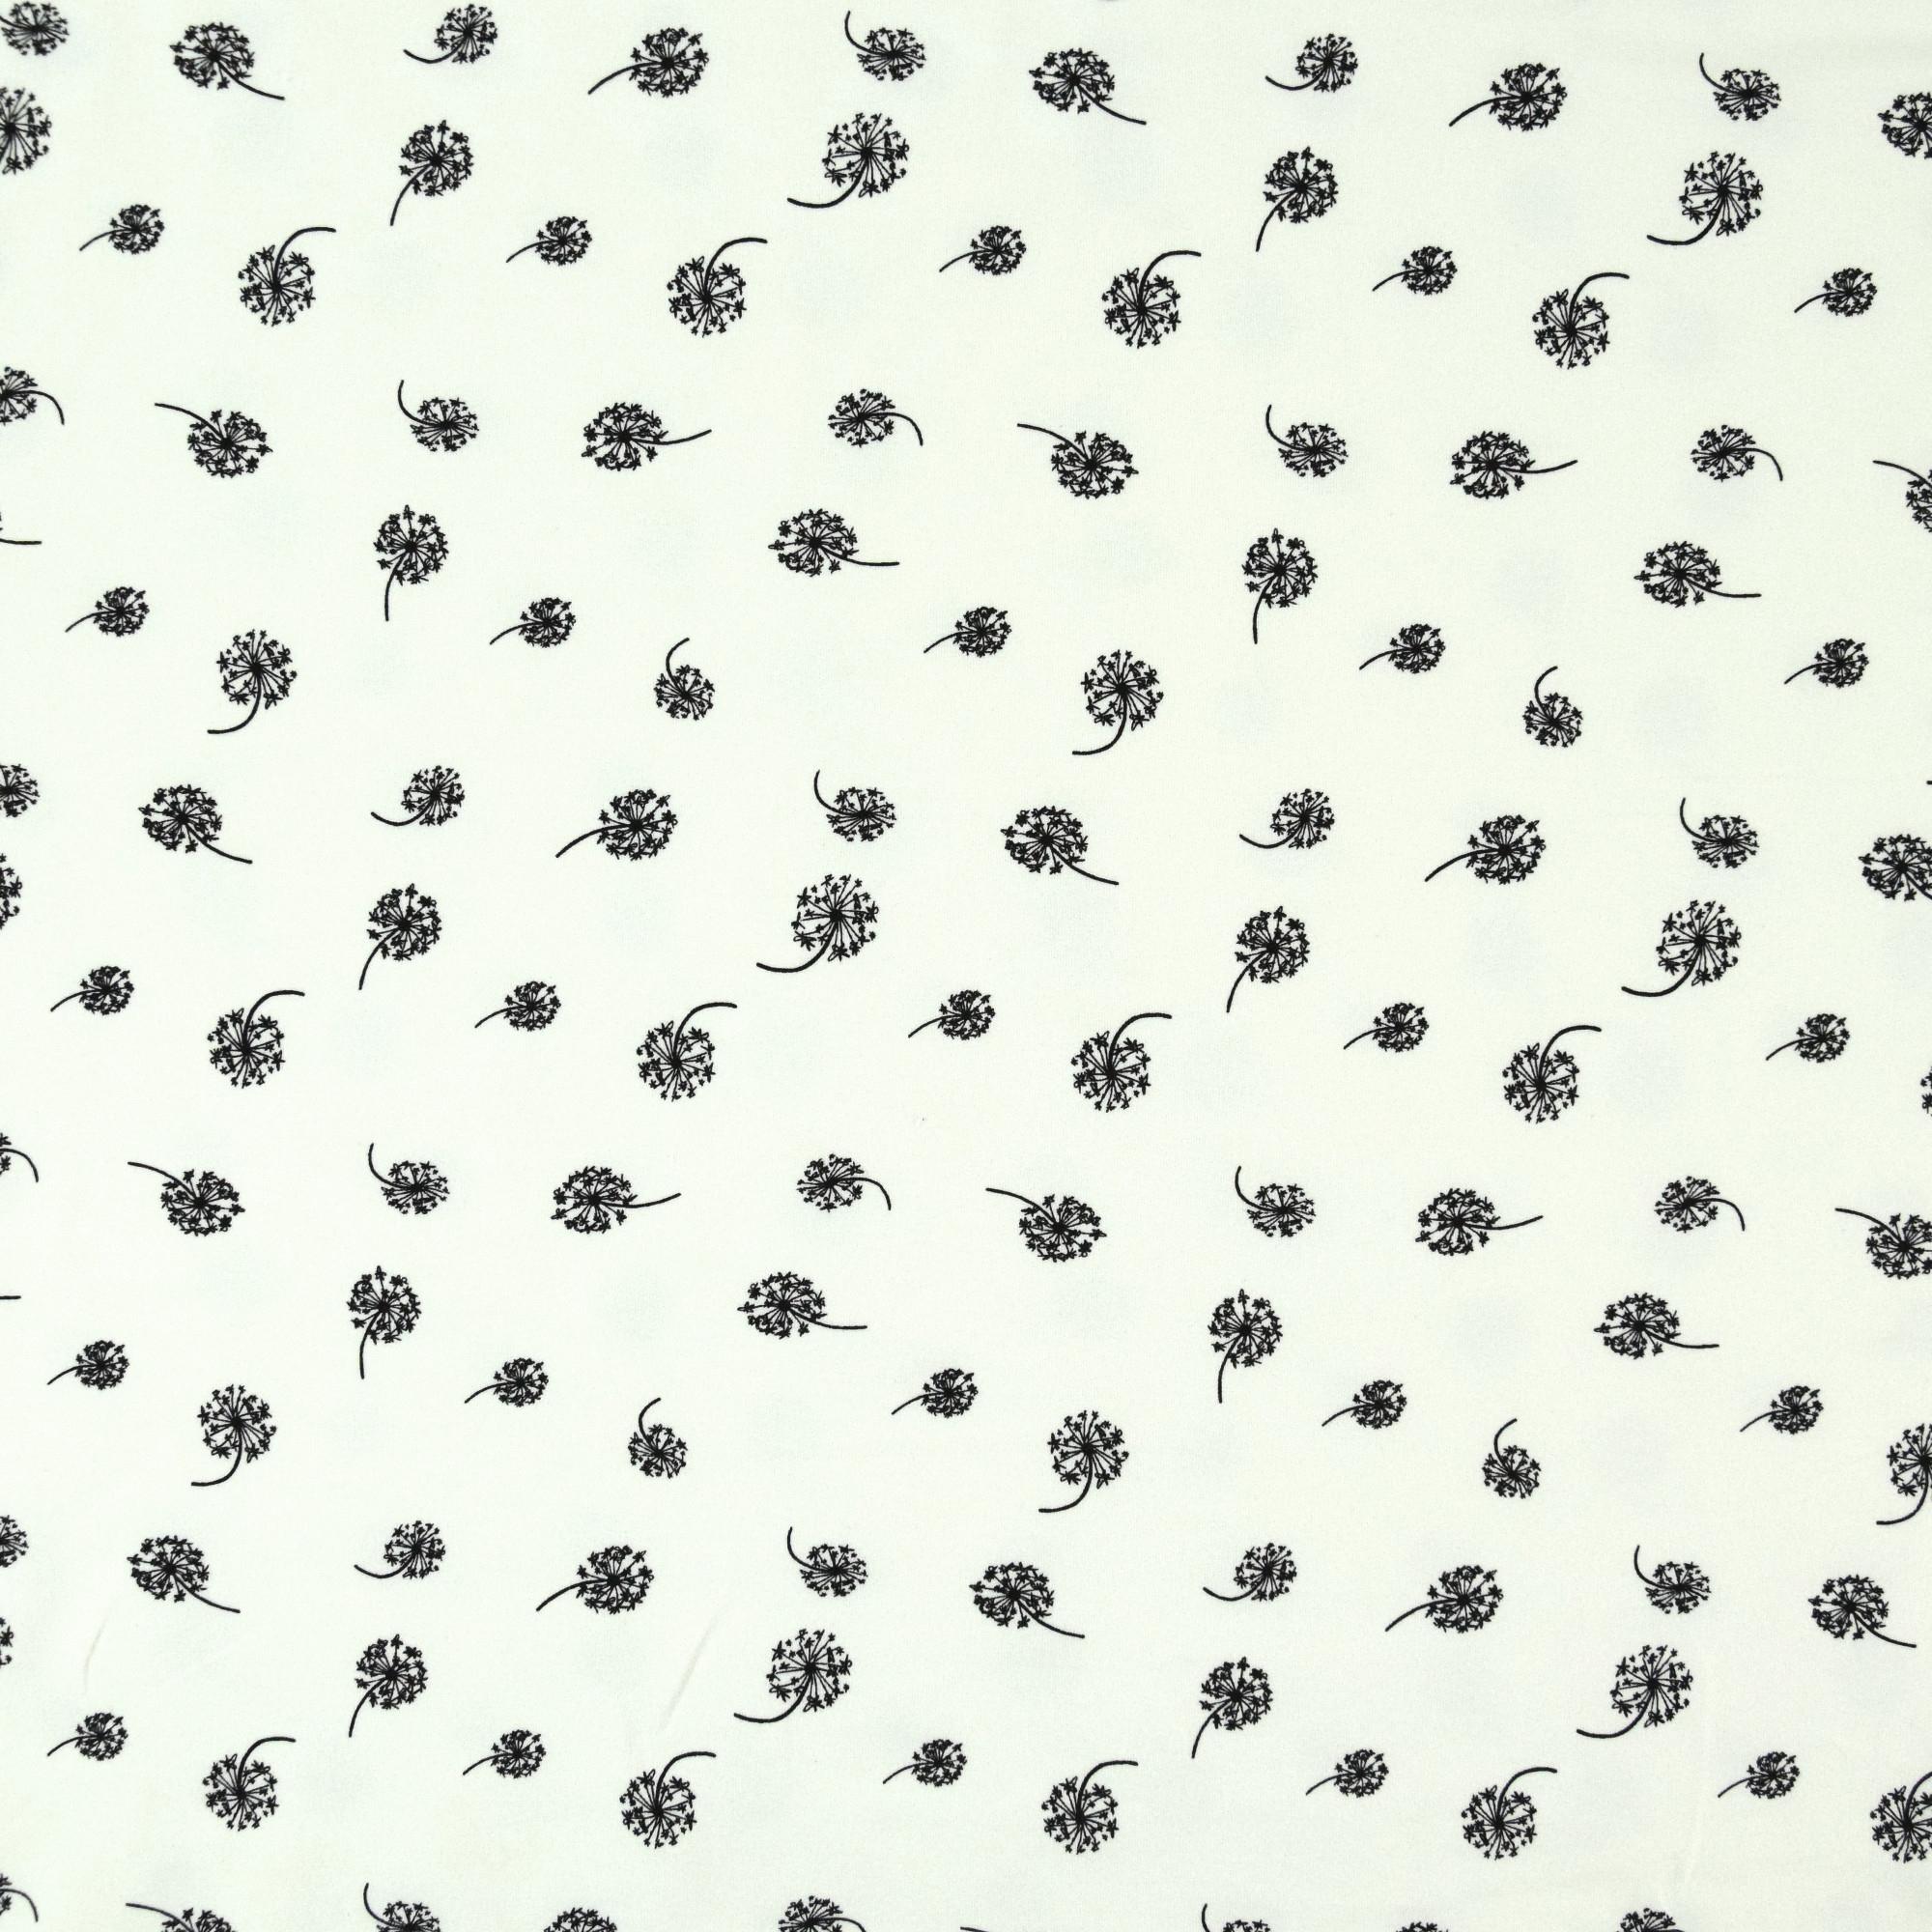 Wollweißer Baumwolljersey French Terry mit kleinen Pusteblumen